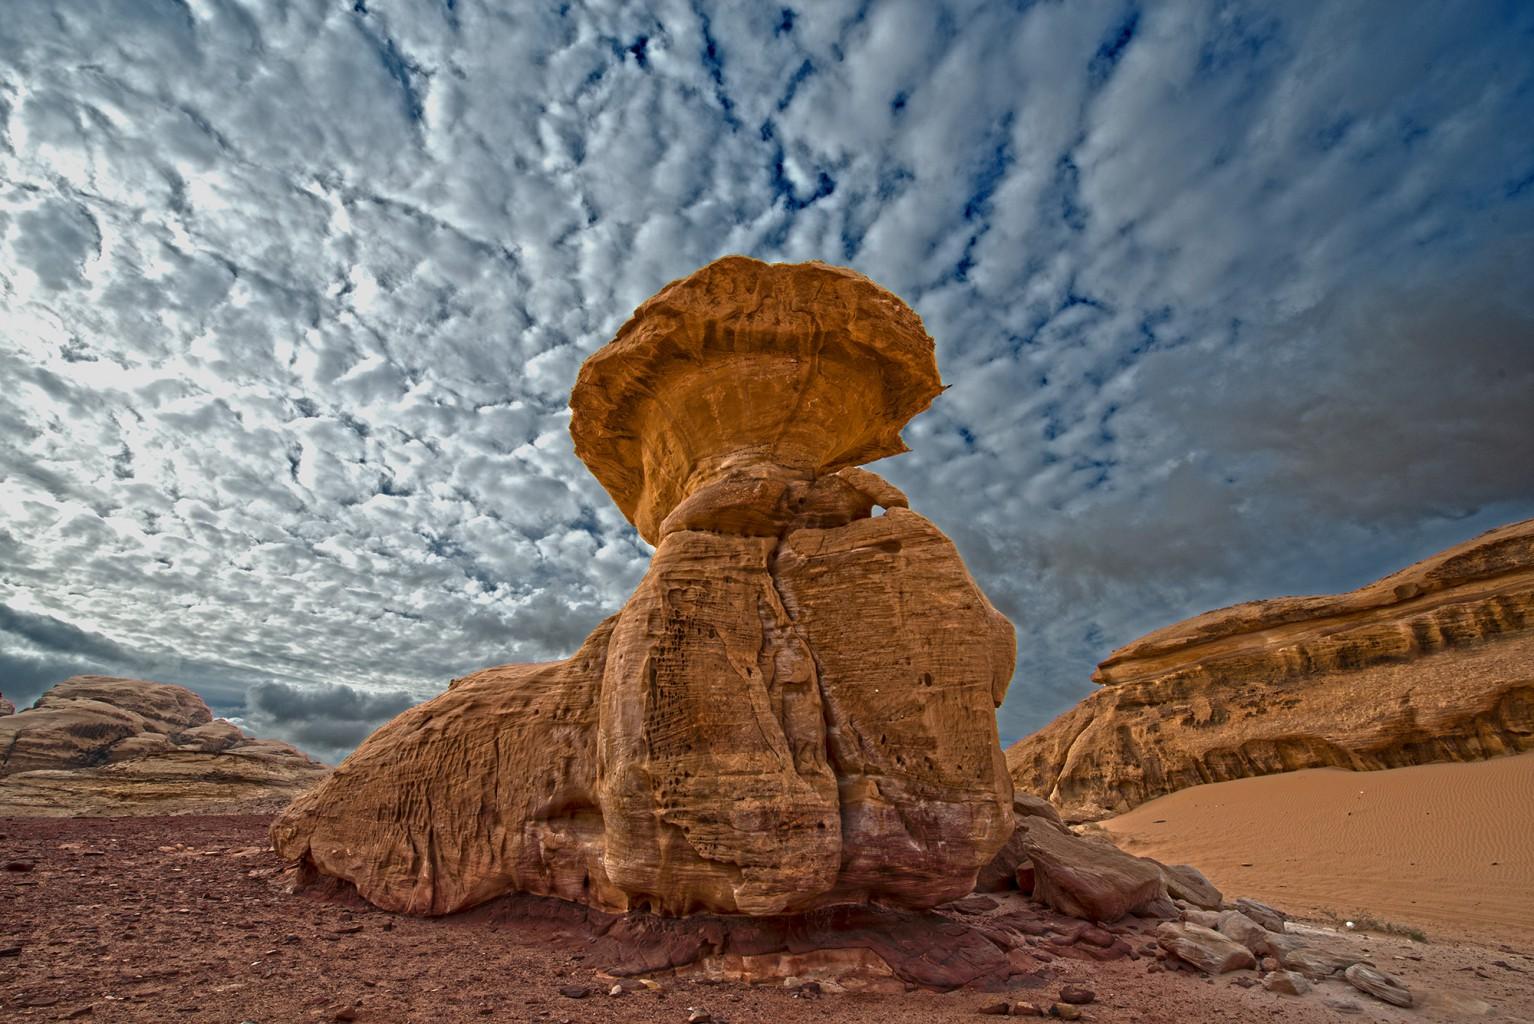 Incredible Monuments of Wadi Rum